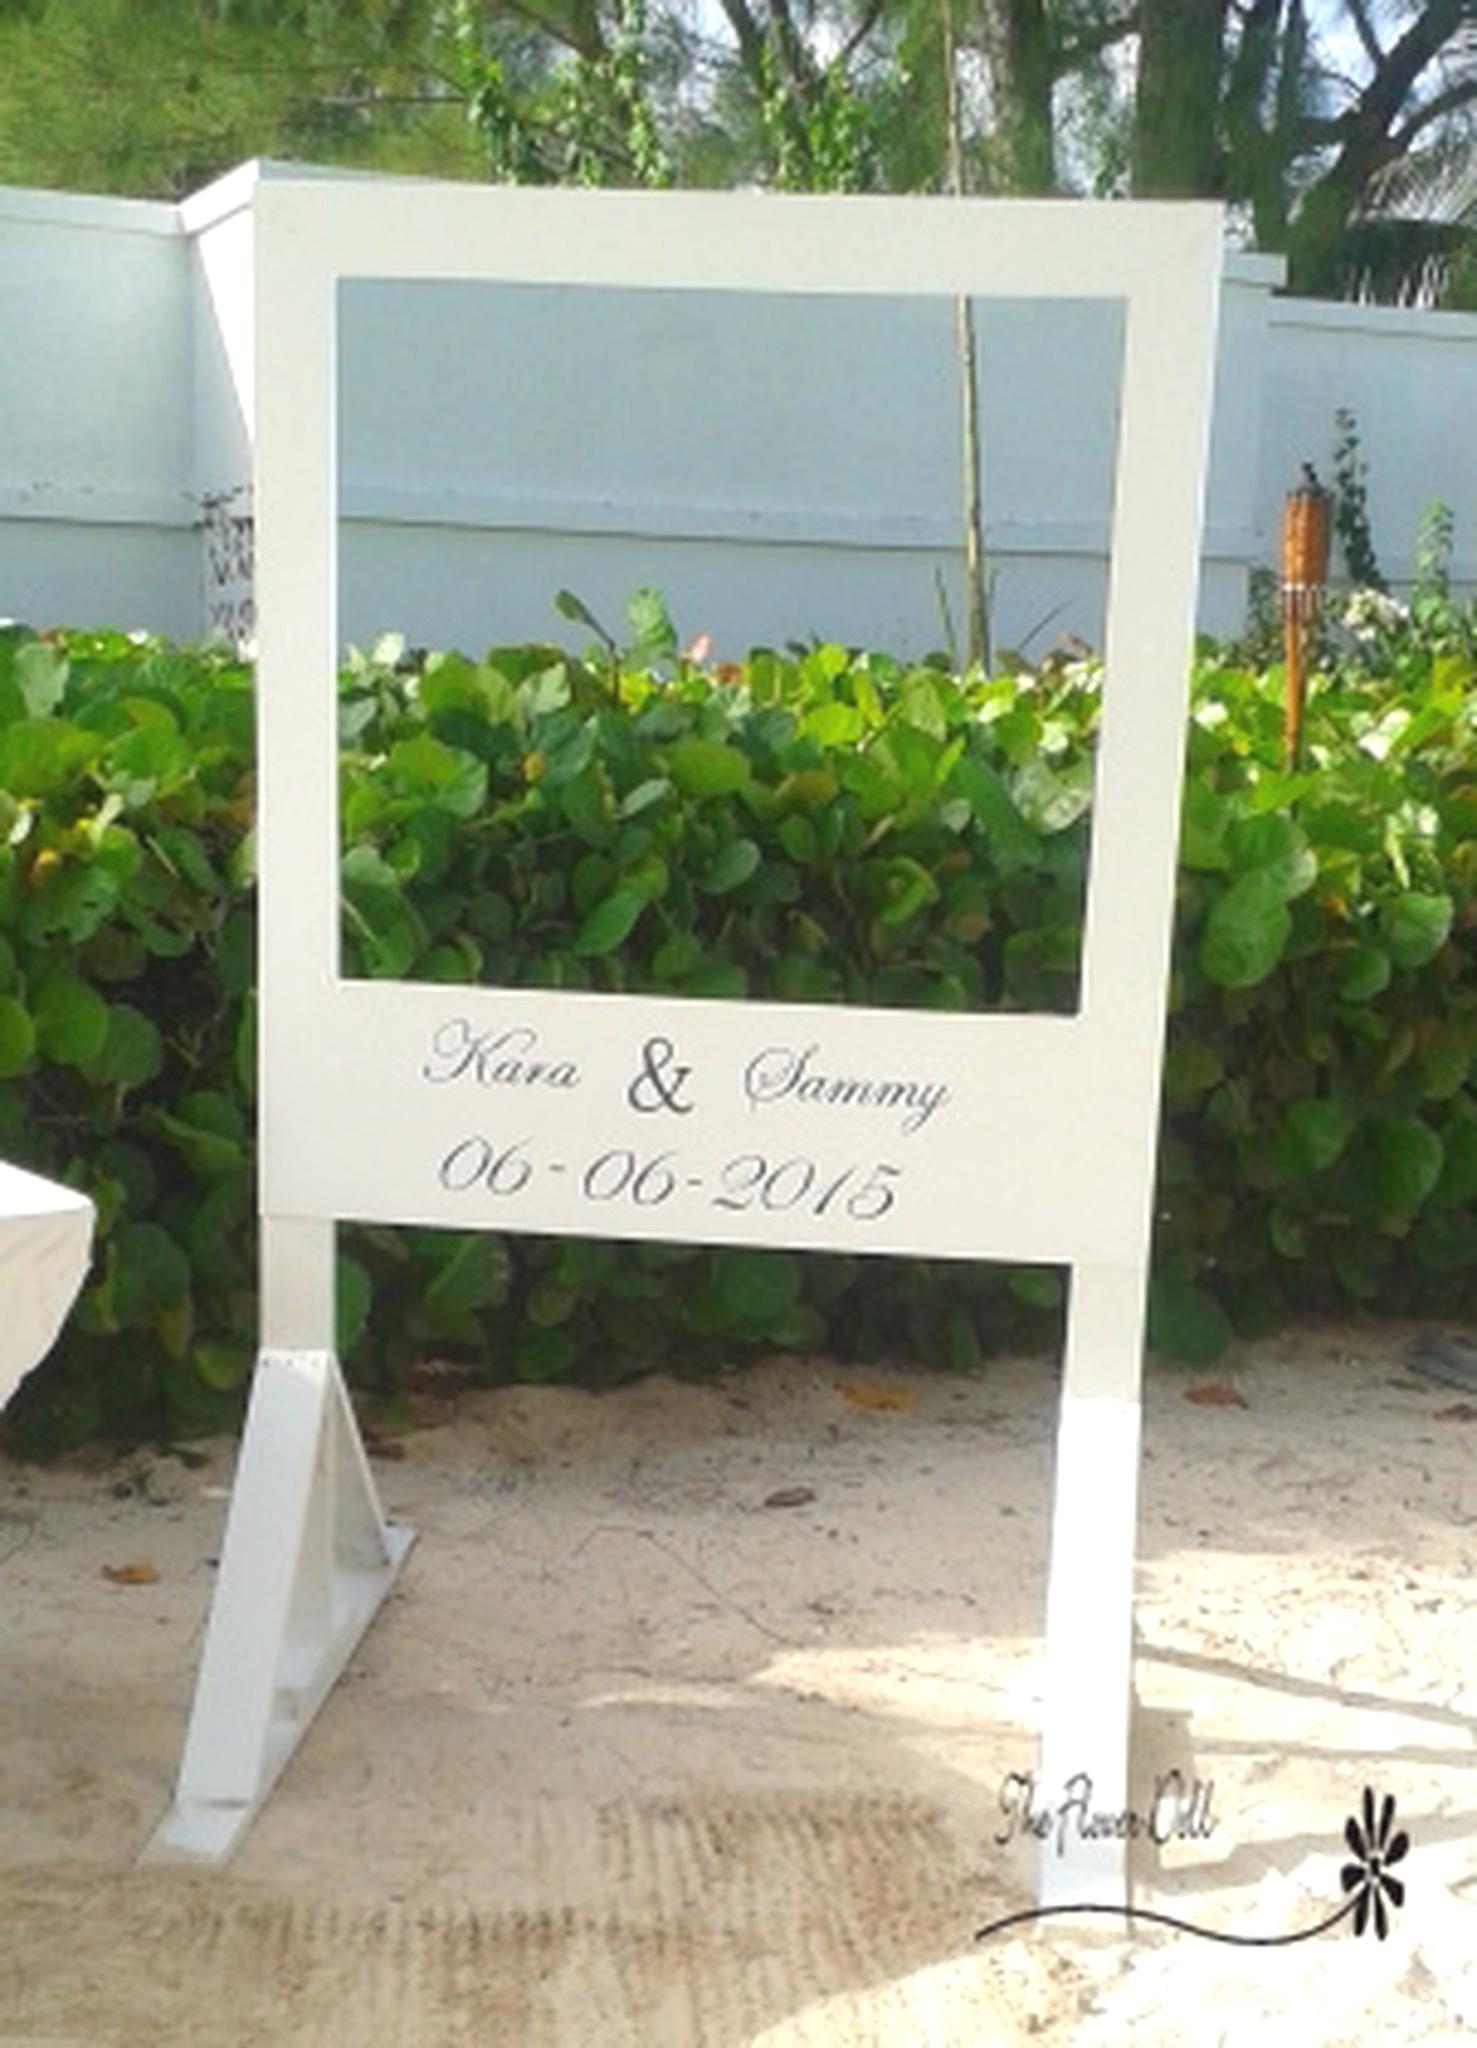 The-Flower-Dell-Wedding-Sign-8.jpg